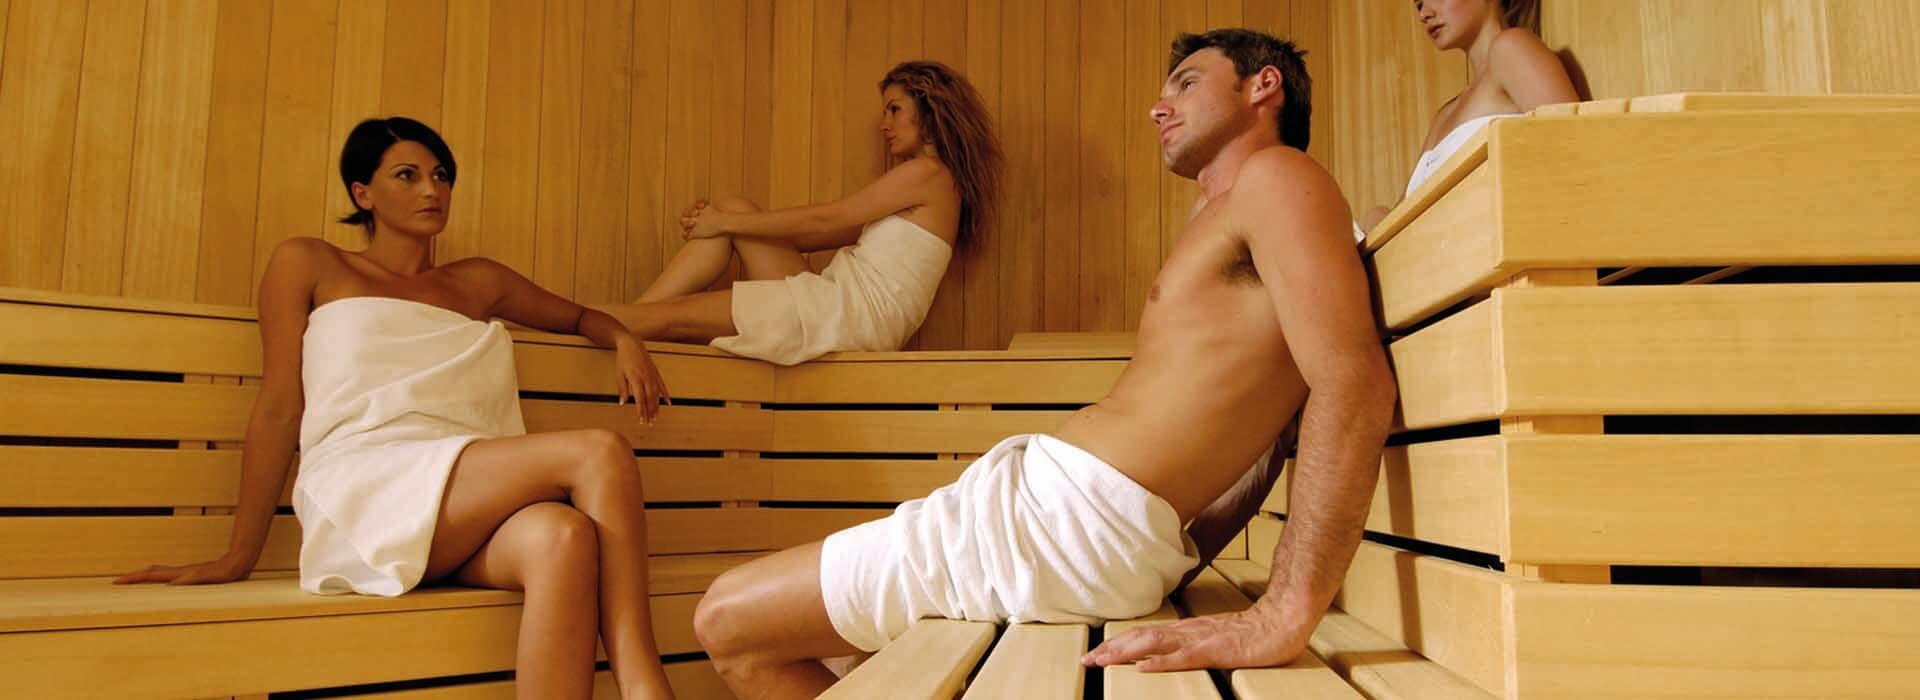 Männer und Frauen in einer großen Sauna